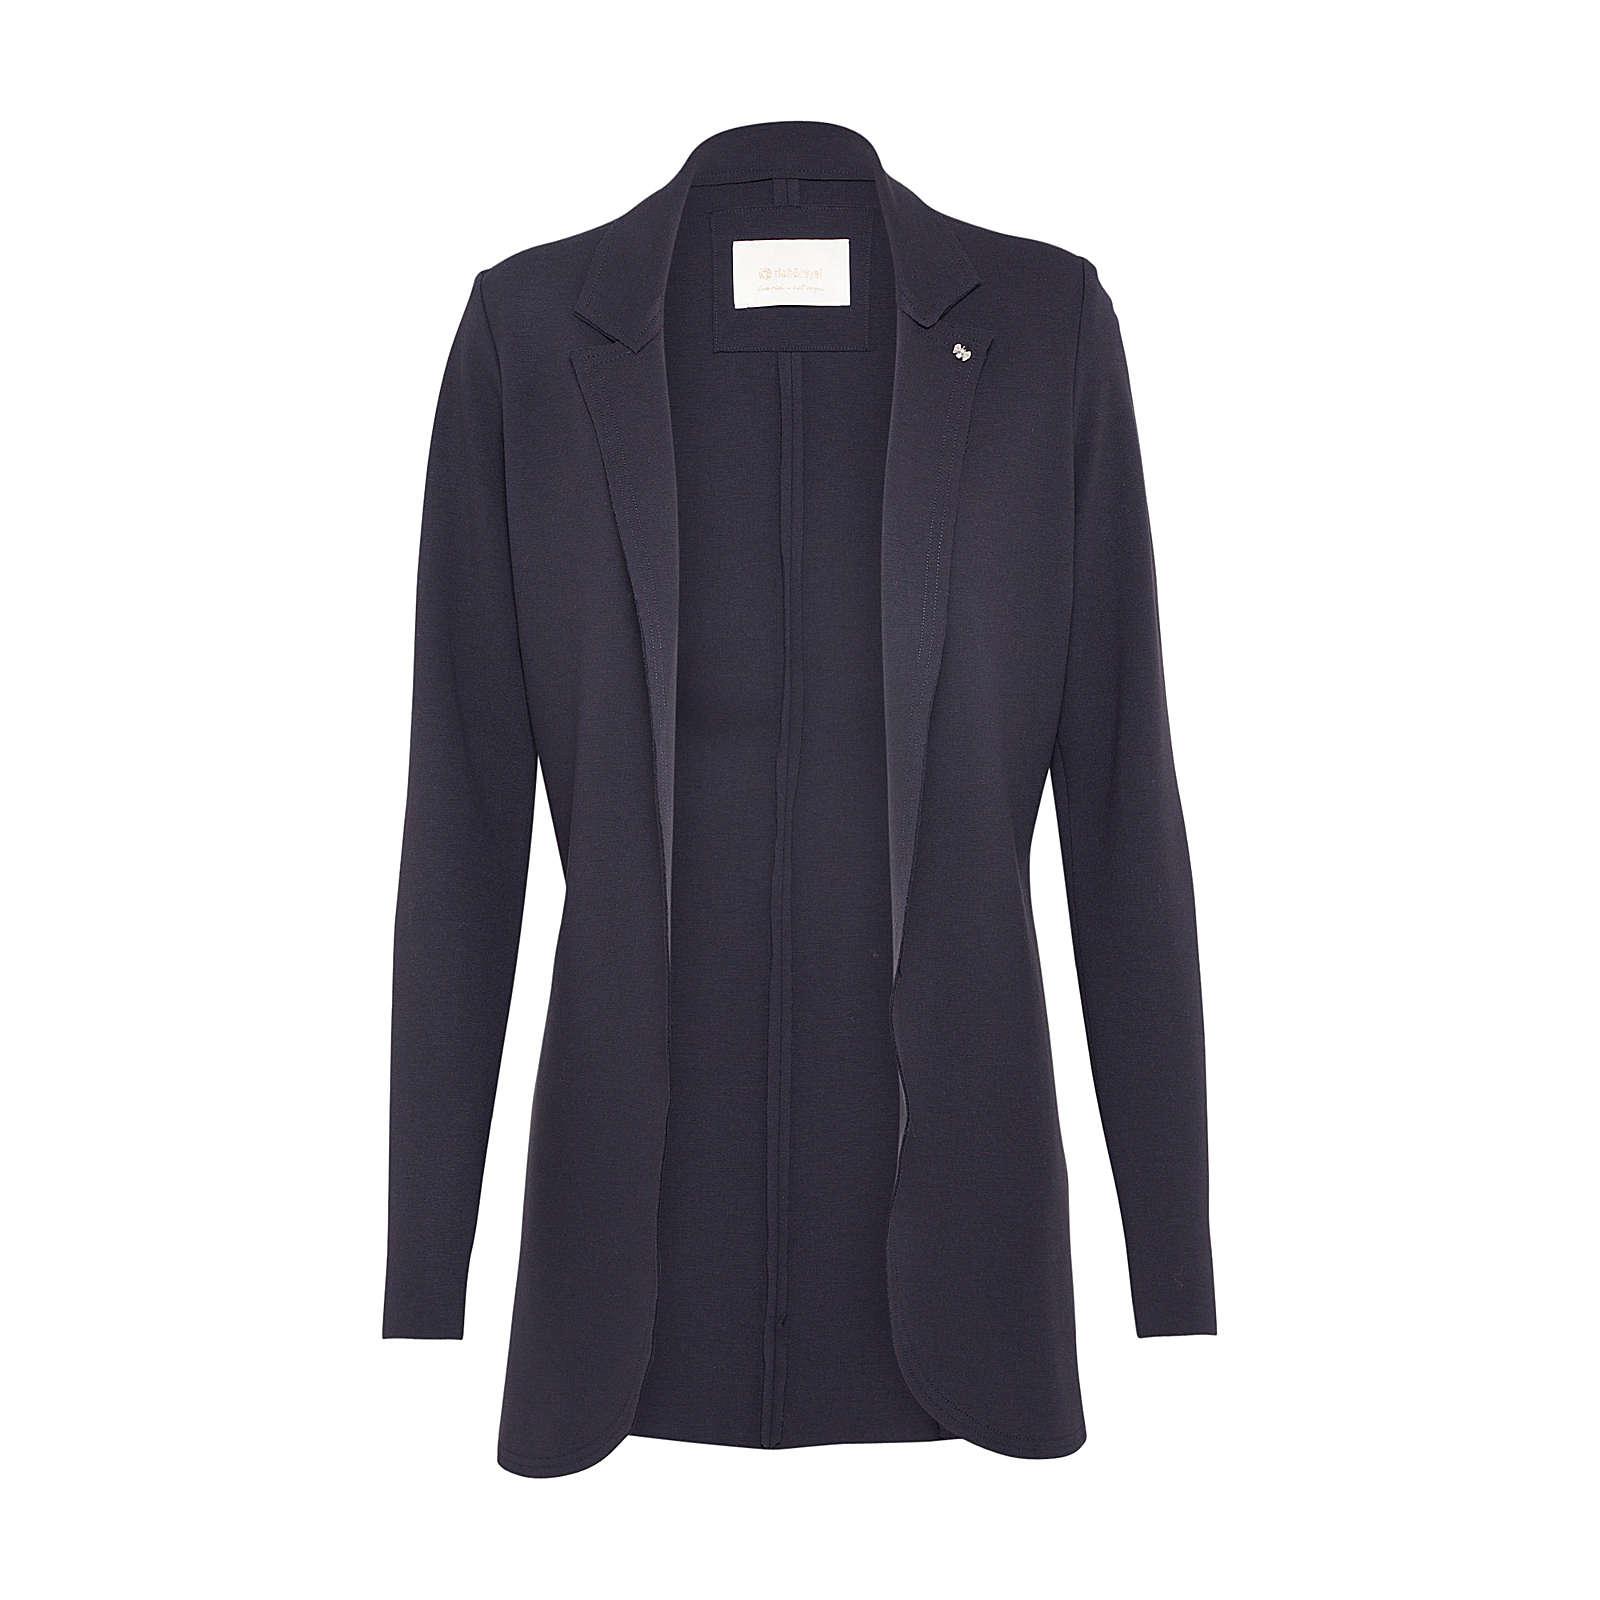 rich&royal Rich & Royal Blazer Sweatblazer blau Damen Gr. 38